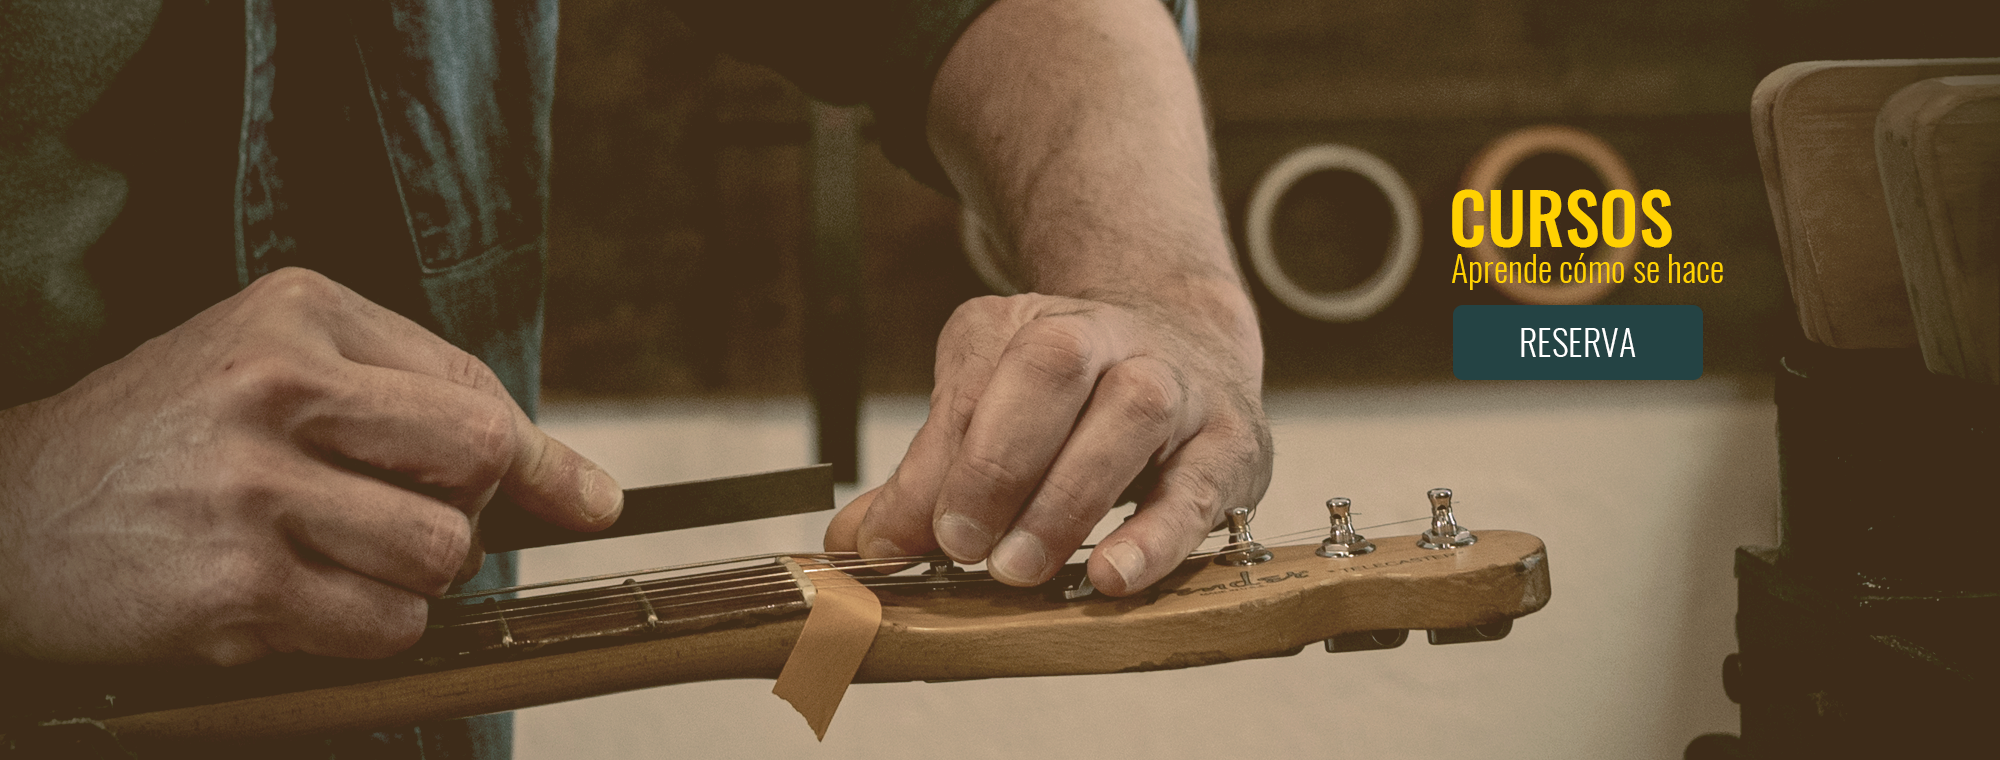 Curso Mantenimiento Guitarras